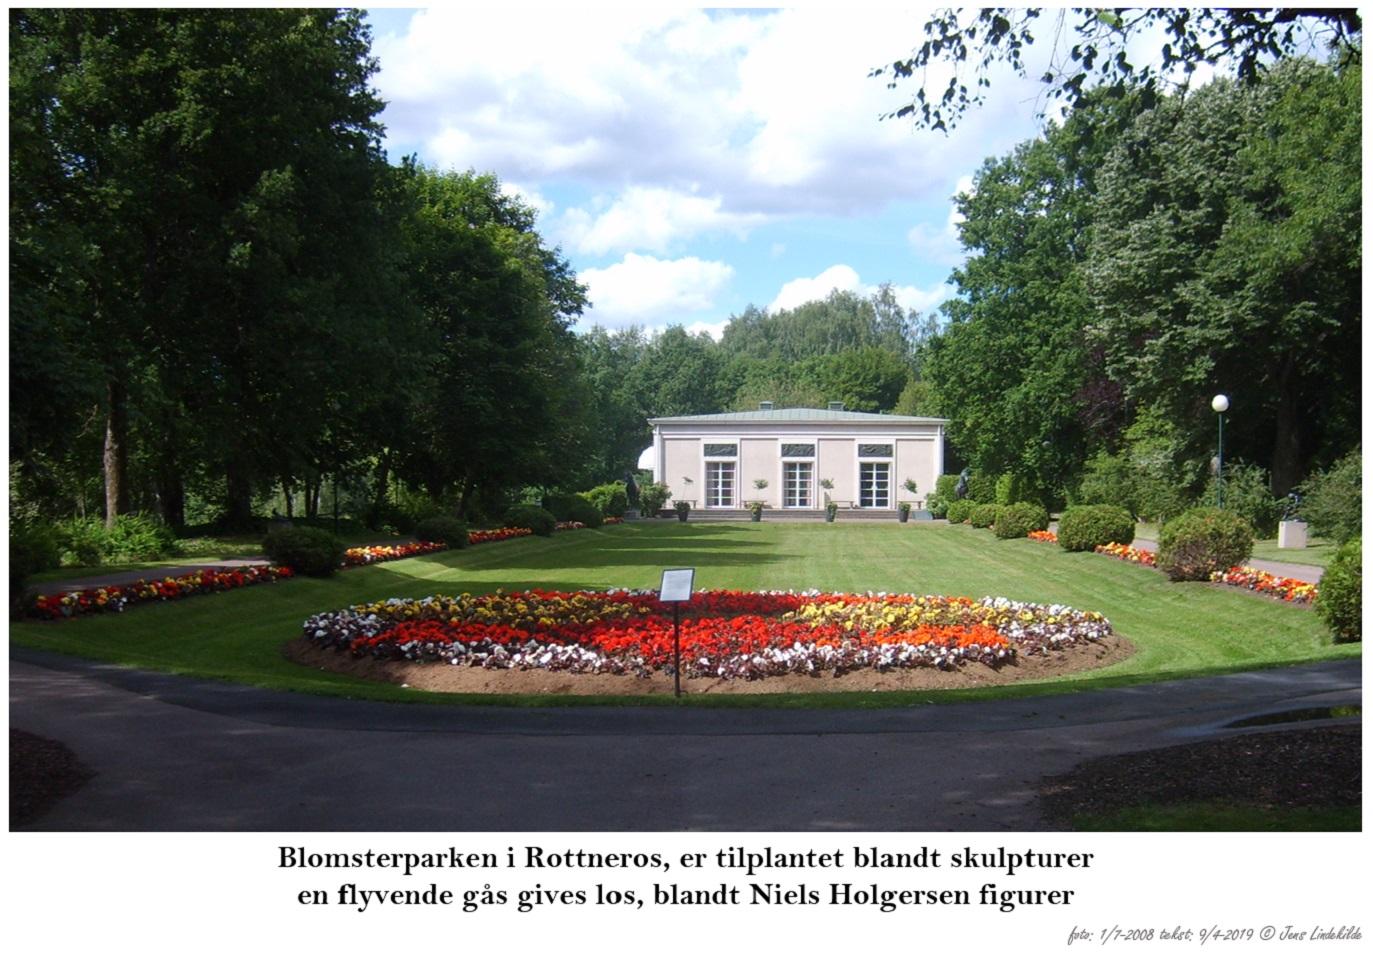 Blomsterparken-i-Rottneros